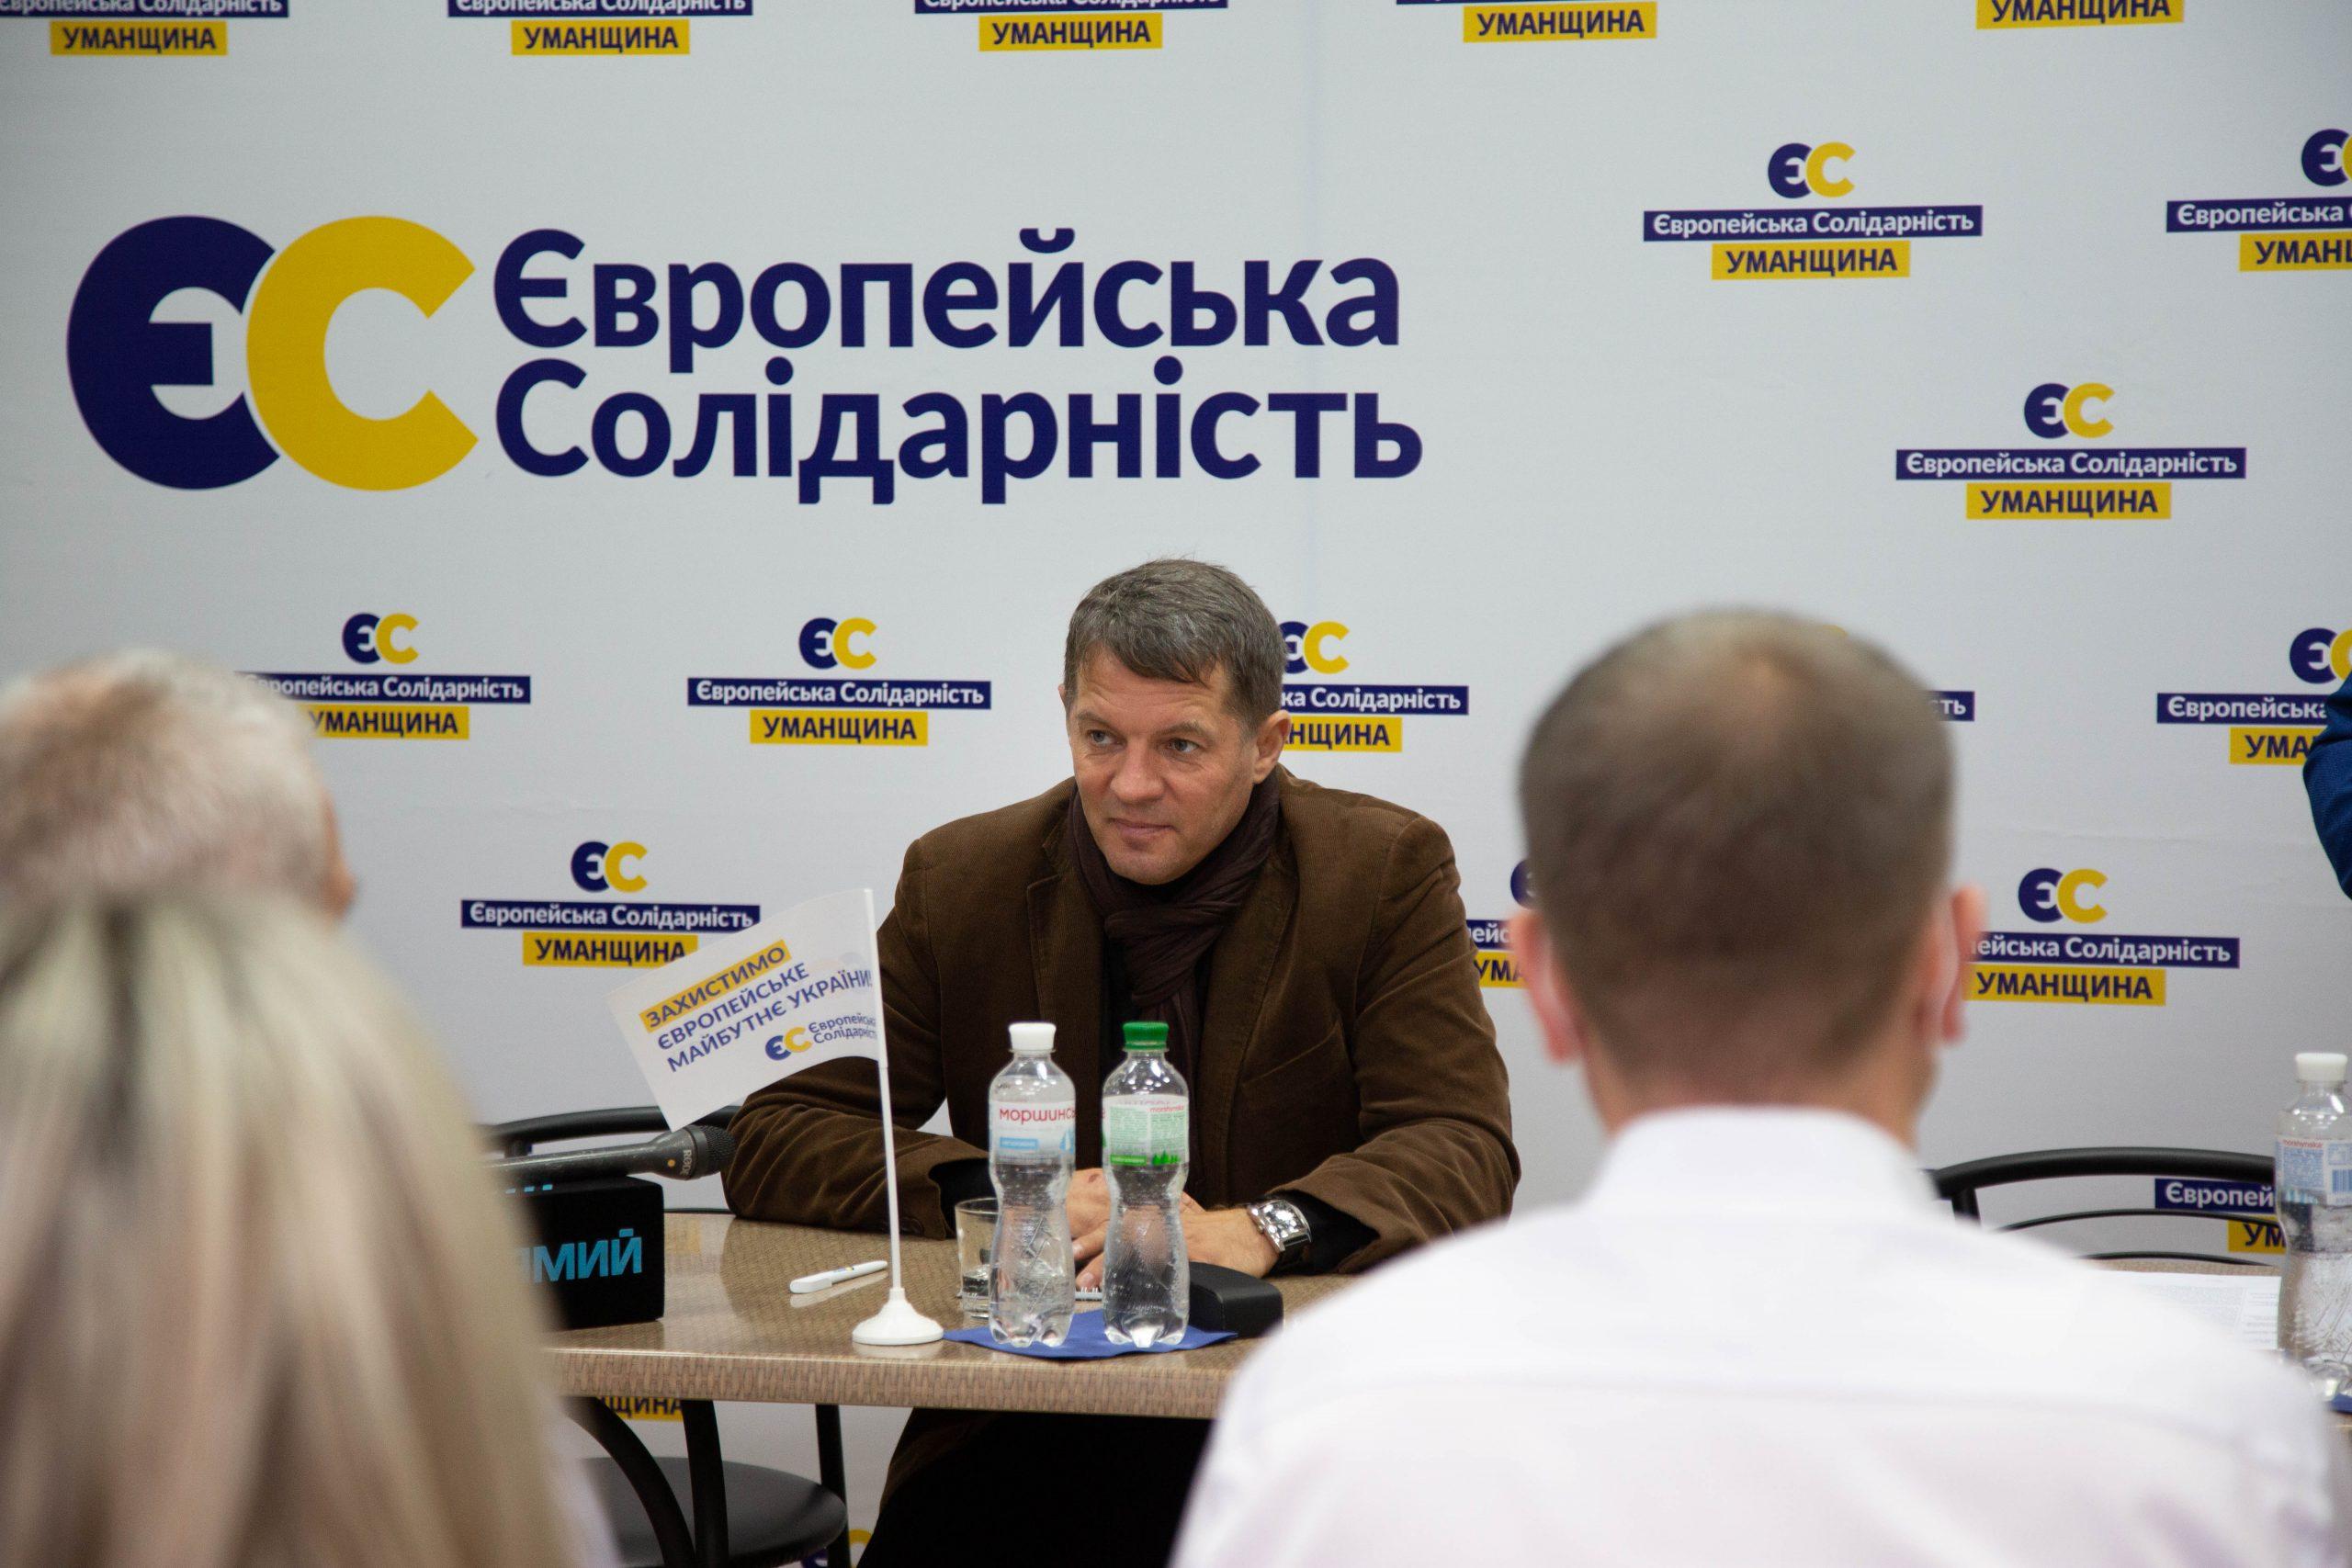 Держава не змогла забезпечити широке тестування лікарів, в дефіциті захисні засоби та ліки: обласна команда «ЄС» відвідала лікарні Черкащини